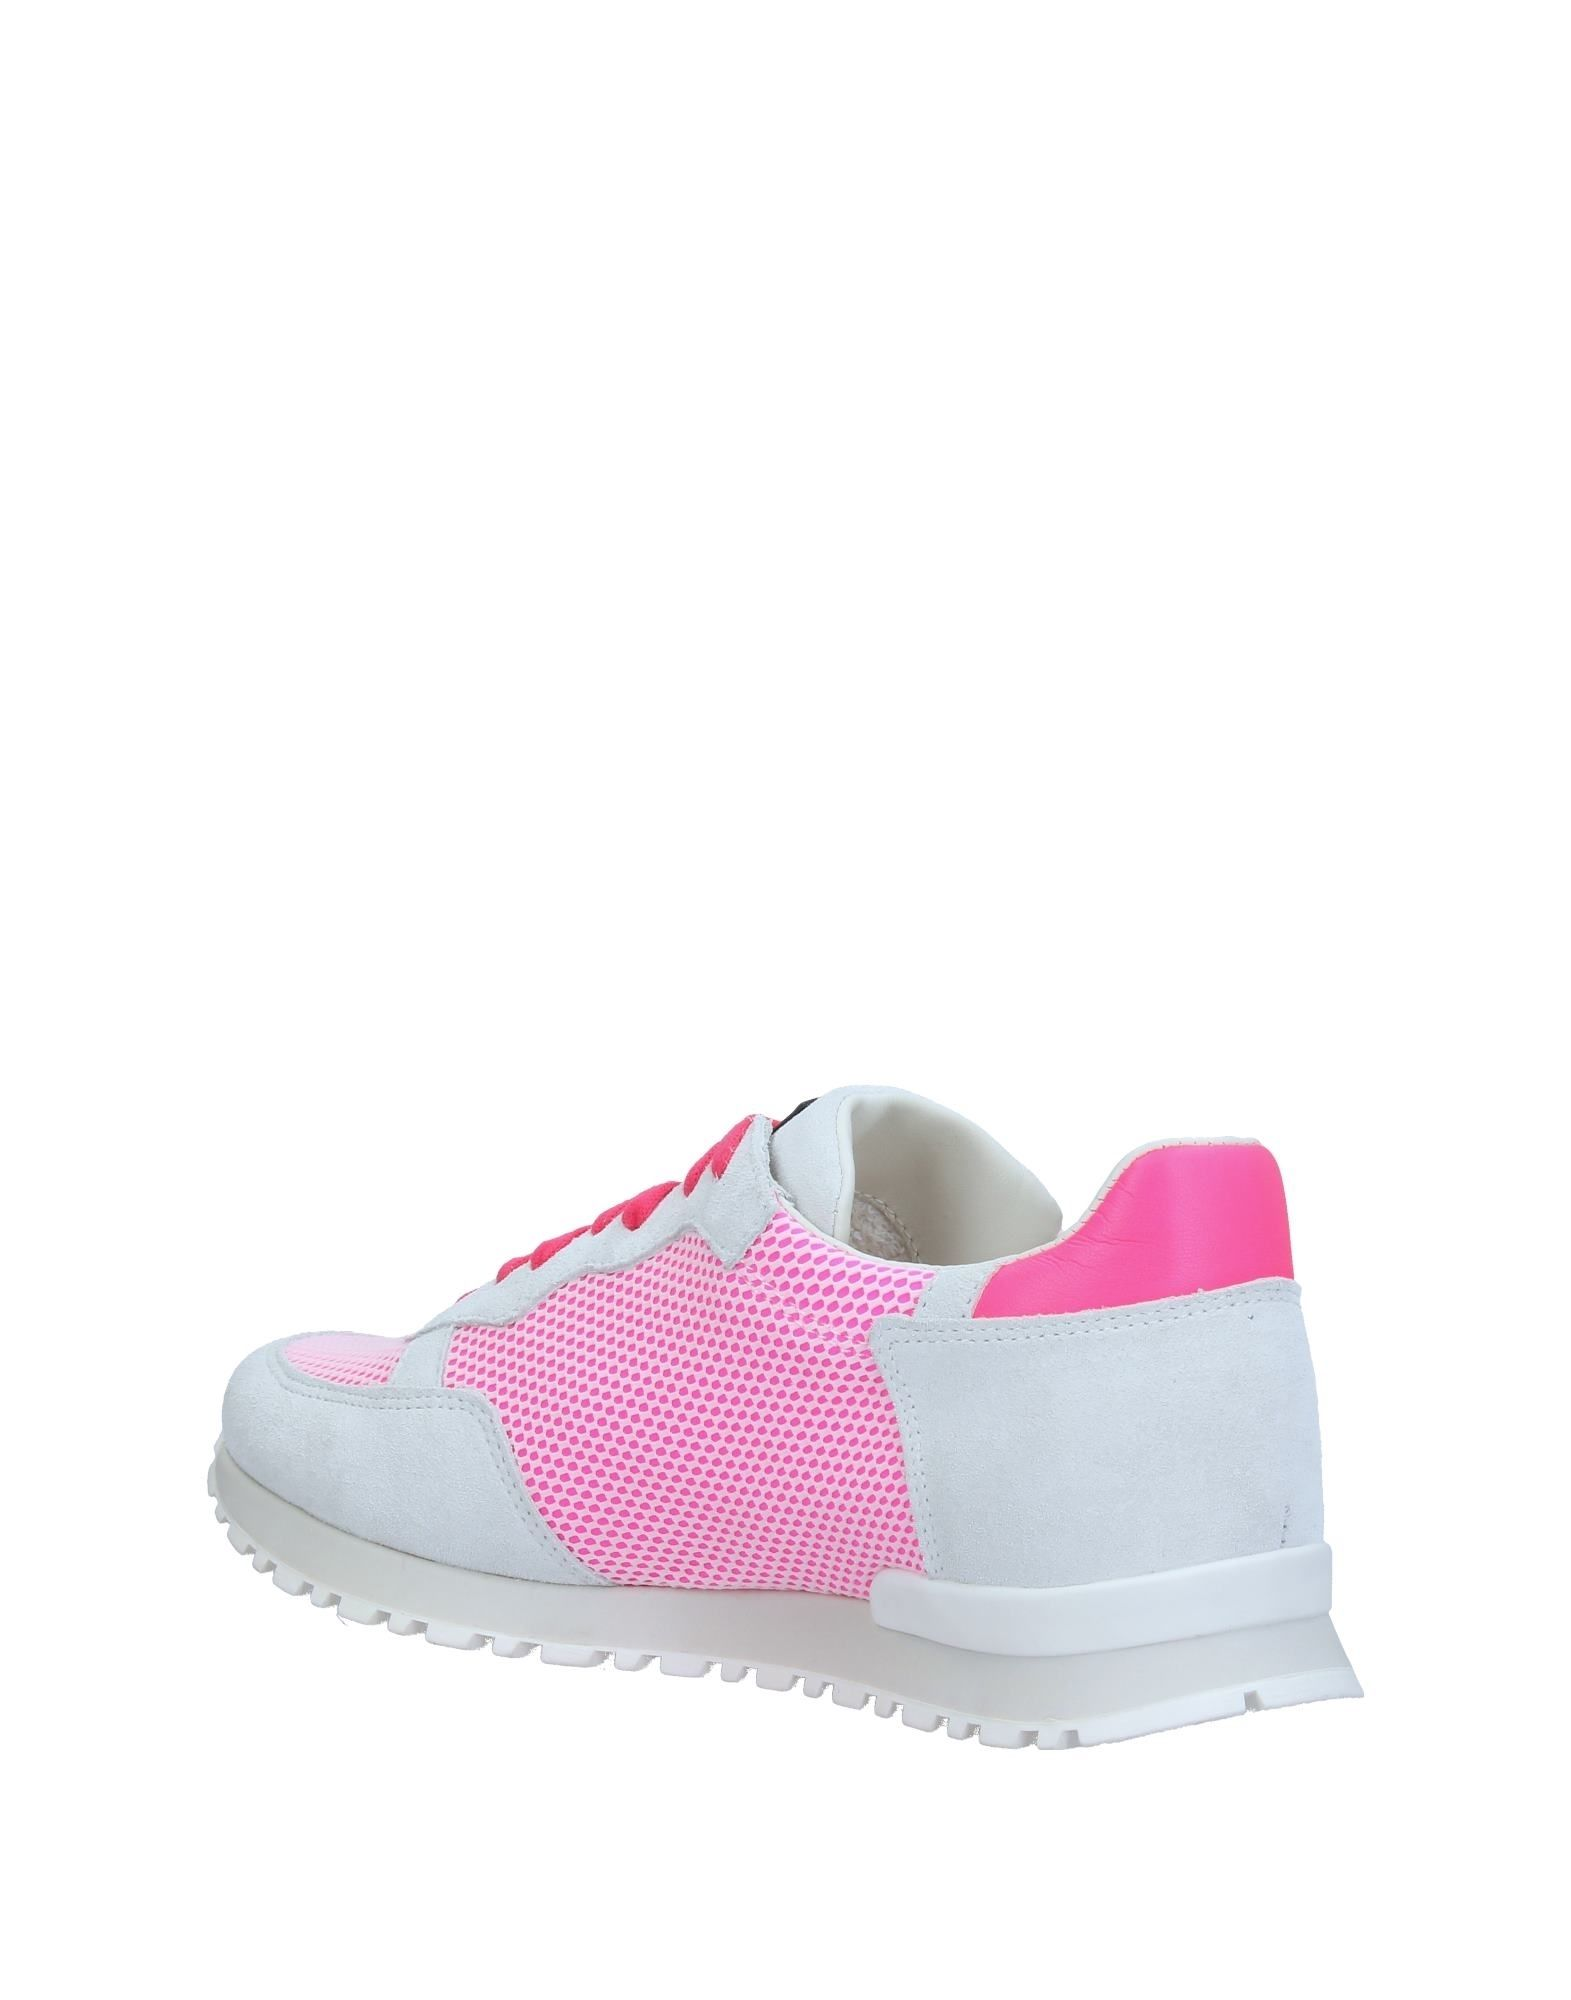 L4k3 Sneakers Damen  11372133QQ Gute Qualität beliebte Schuhe Schuhe beliebte 825399